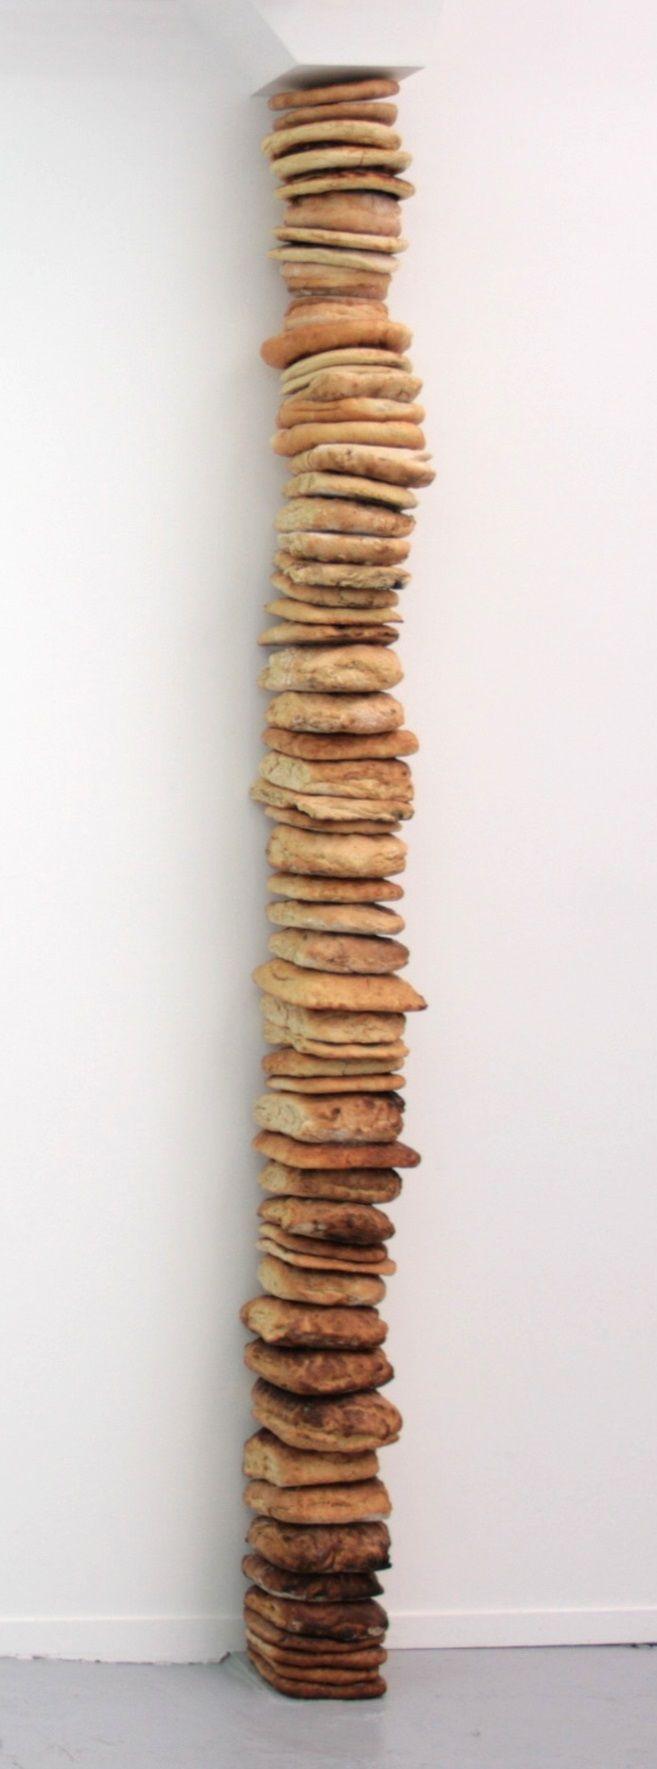 09-coraline-de-chiara-d-une-ligne-issue-de-lignes-pains-2016-354a5405885794538aa5fff075dec95a